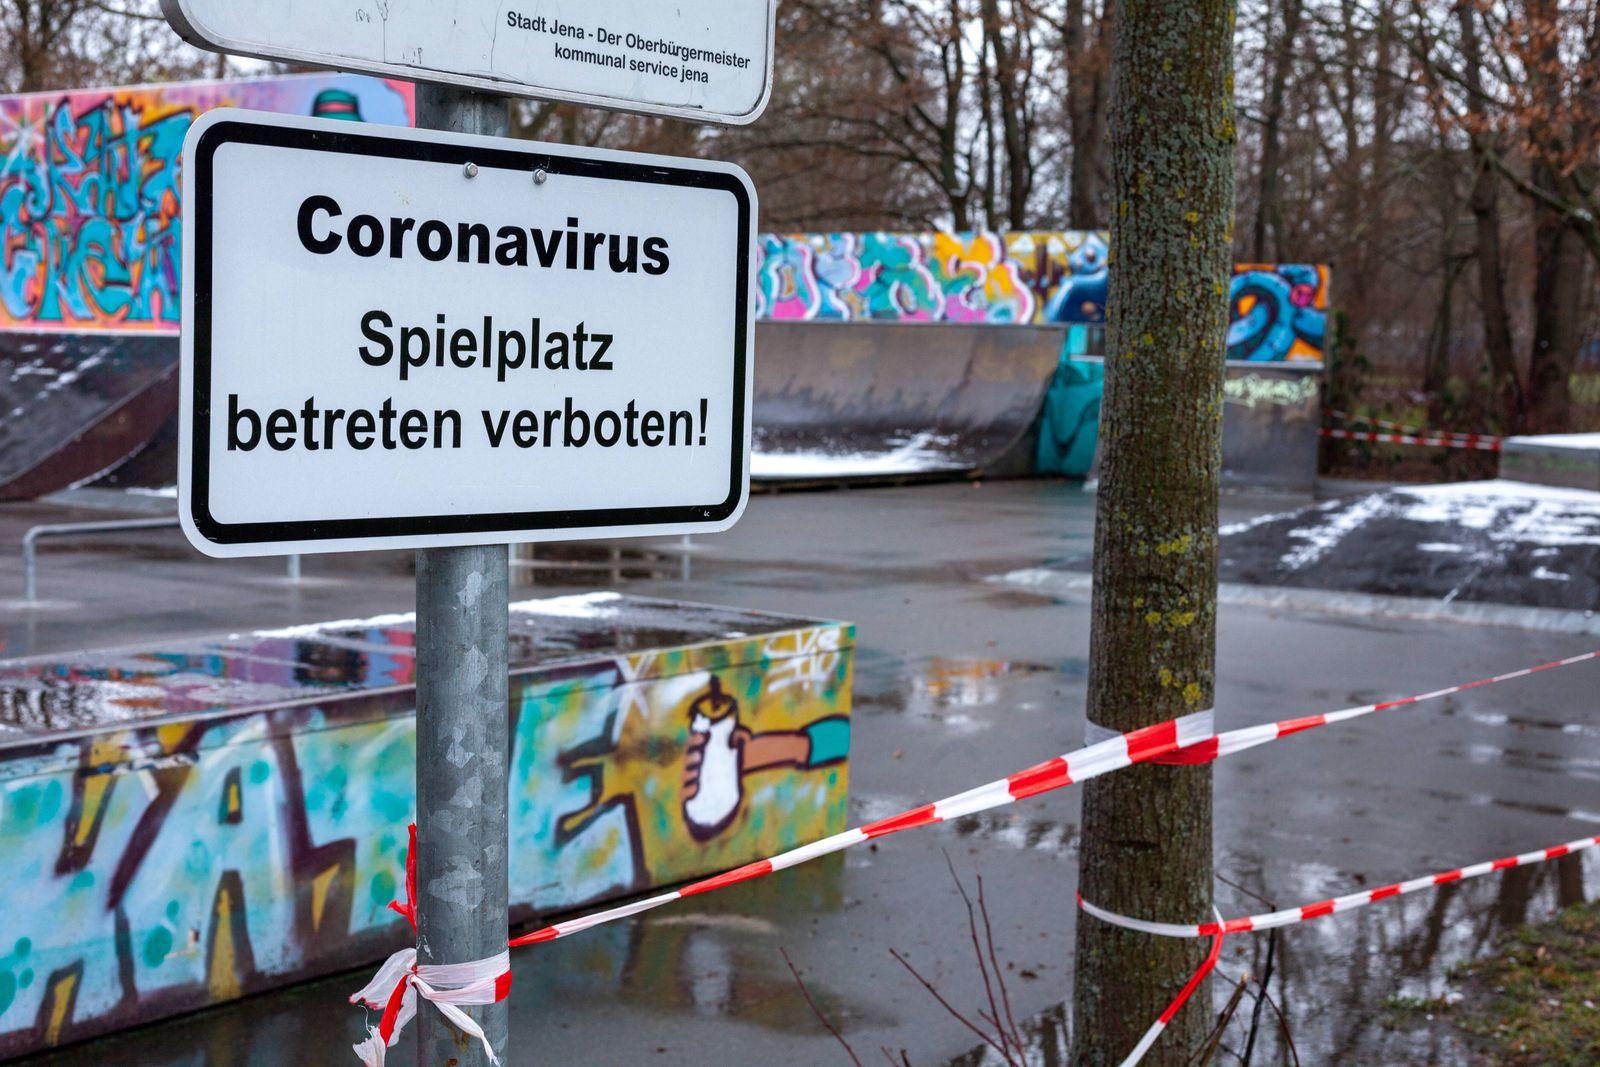 Geschlossene Spielplätze während des Lockdowns - Die Schließung der Spielplätze während des Lockdowns dauert in Jena we